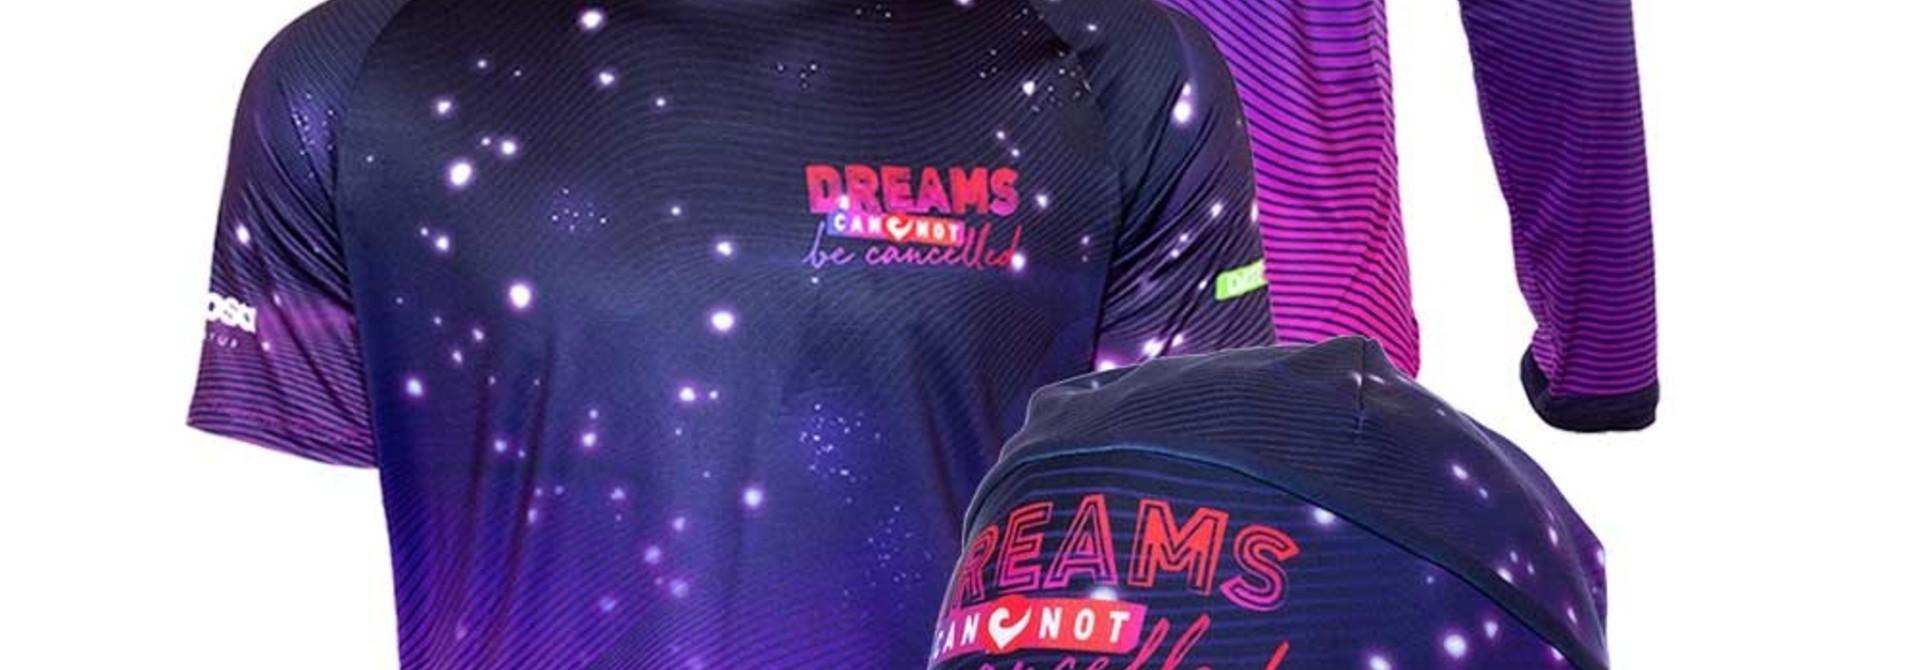 Run-Bundle Dreams